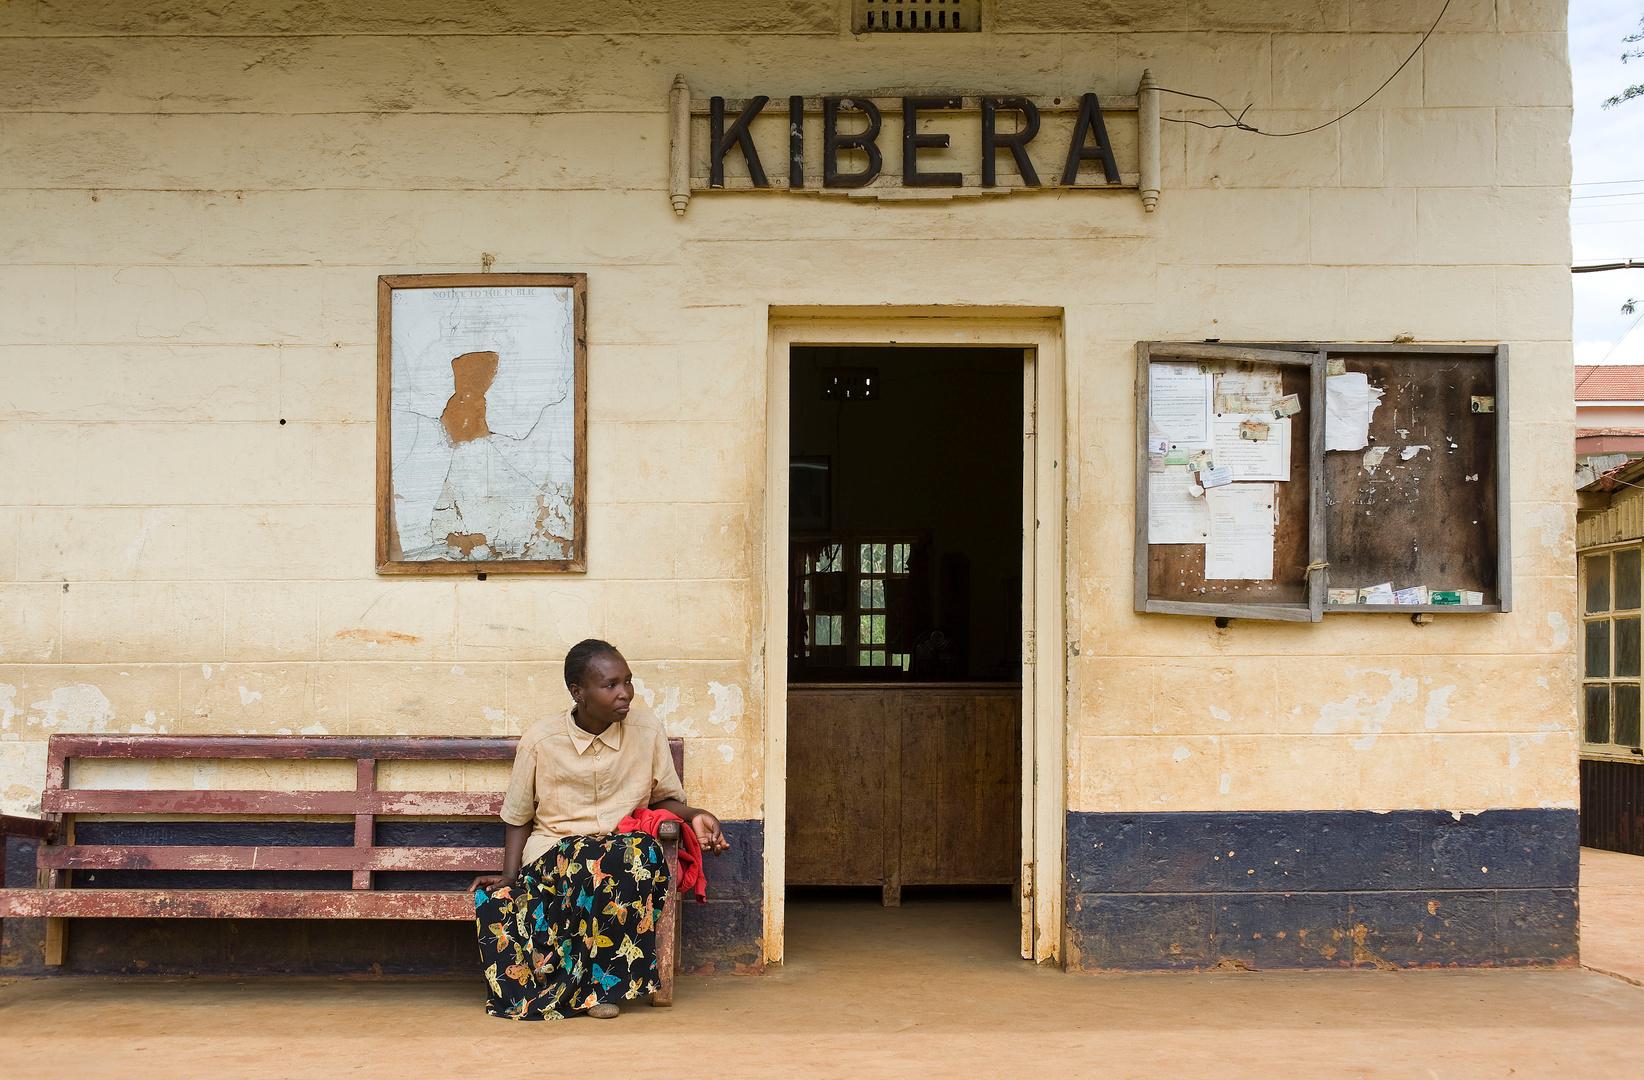 Eindpunt Kibera, Kenia